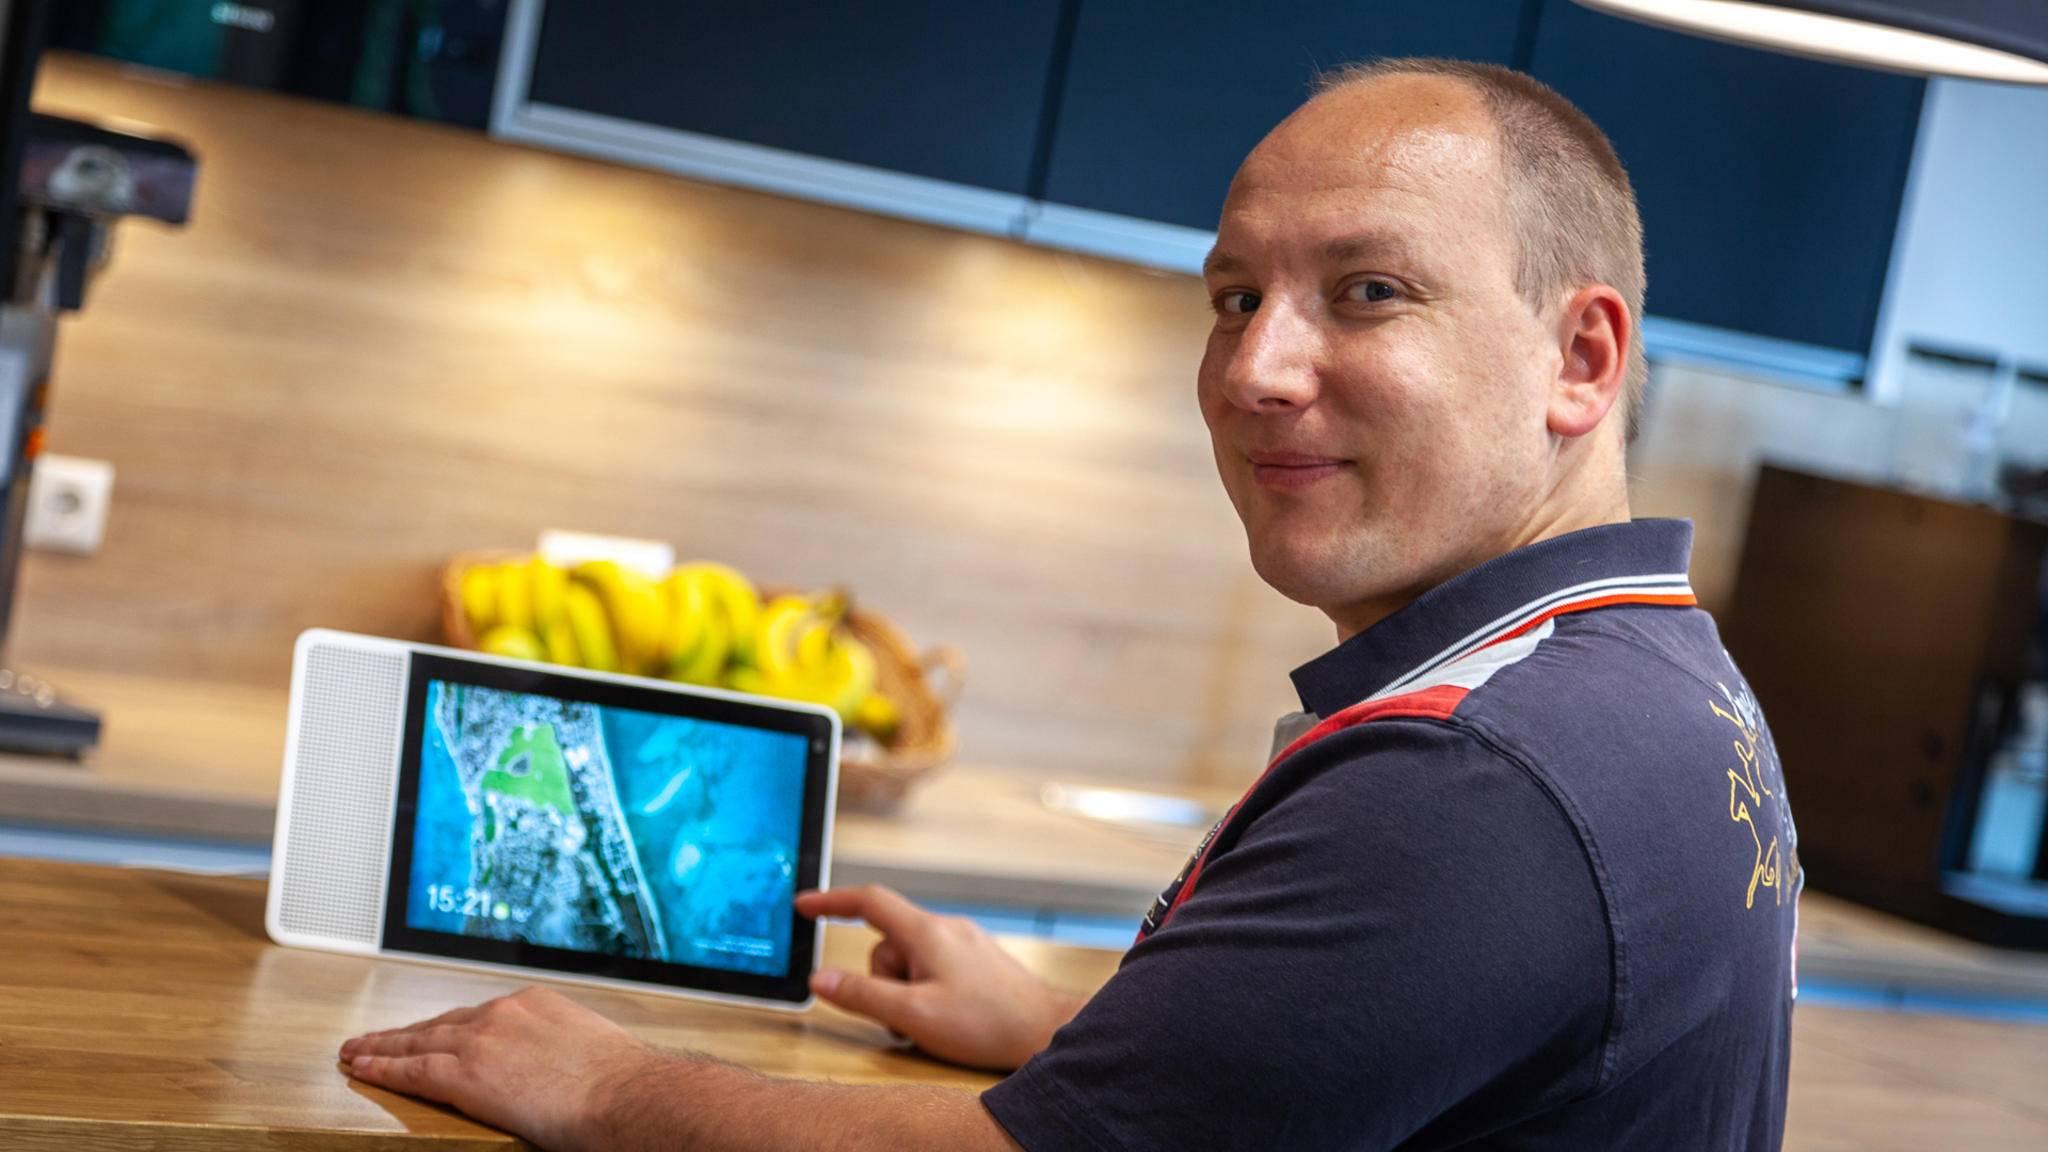 Die Küche dürfte für viele Nutzer wohl der optimale Standort fürs Smart Display sein.